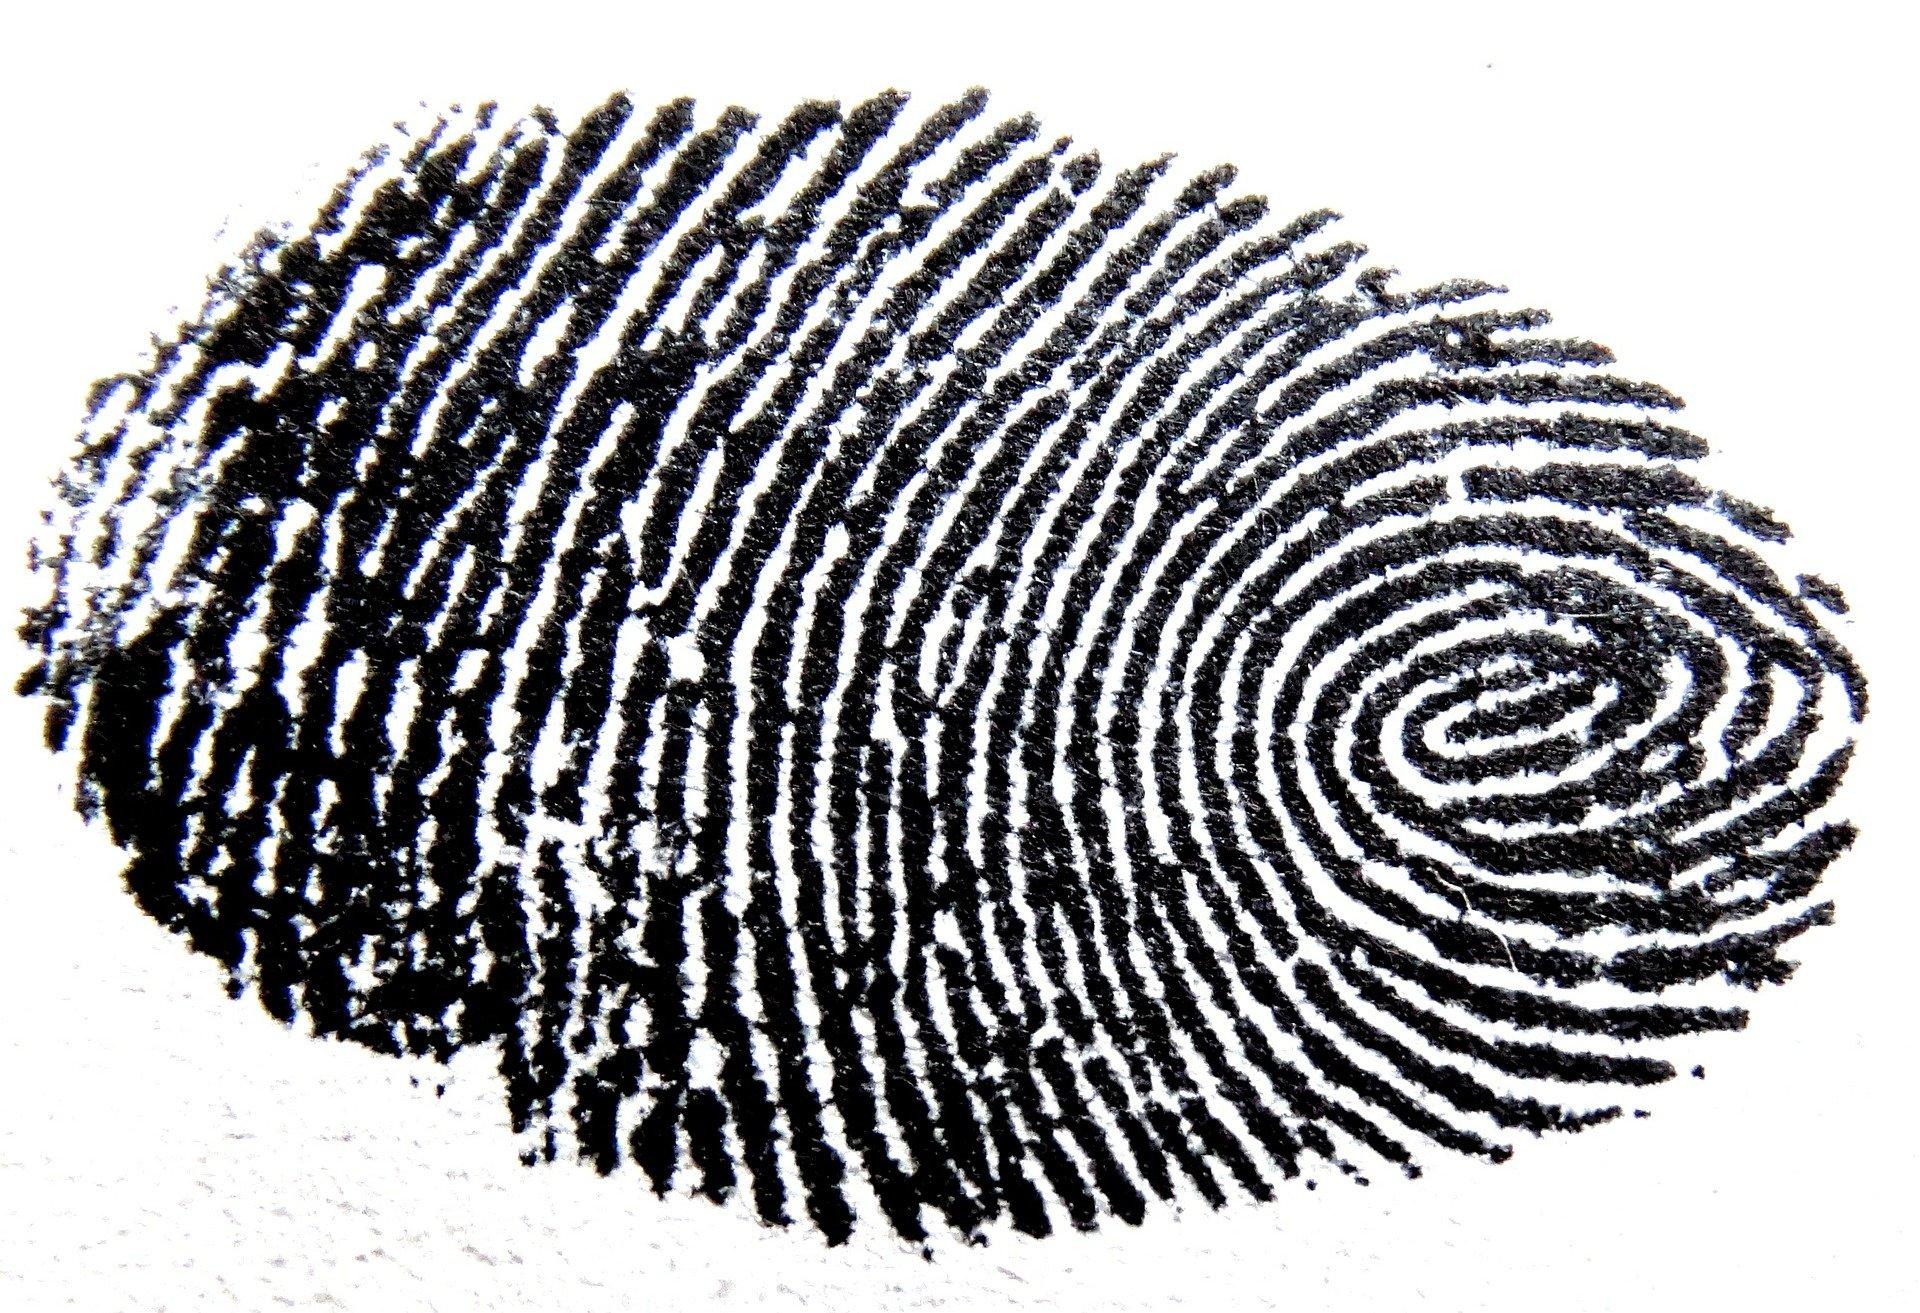 זיהוי טביעות אצבע